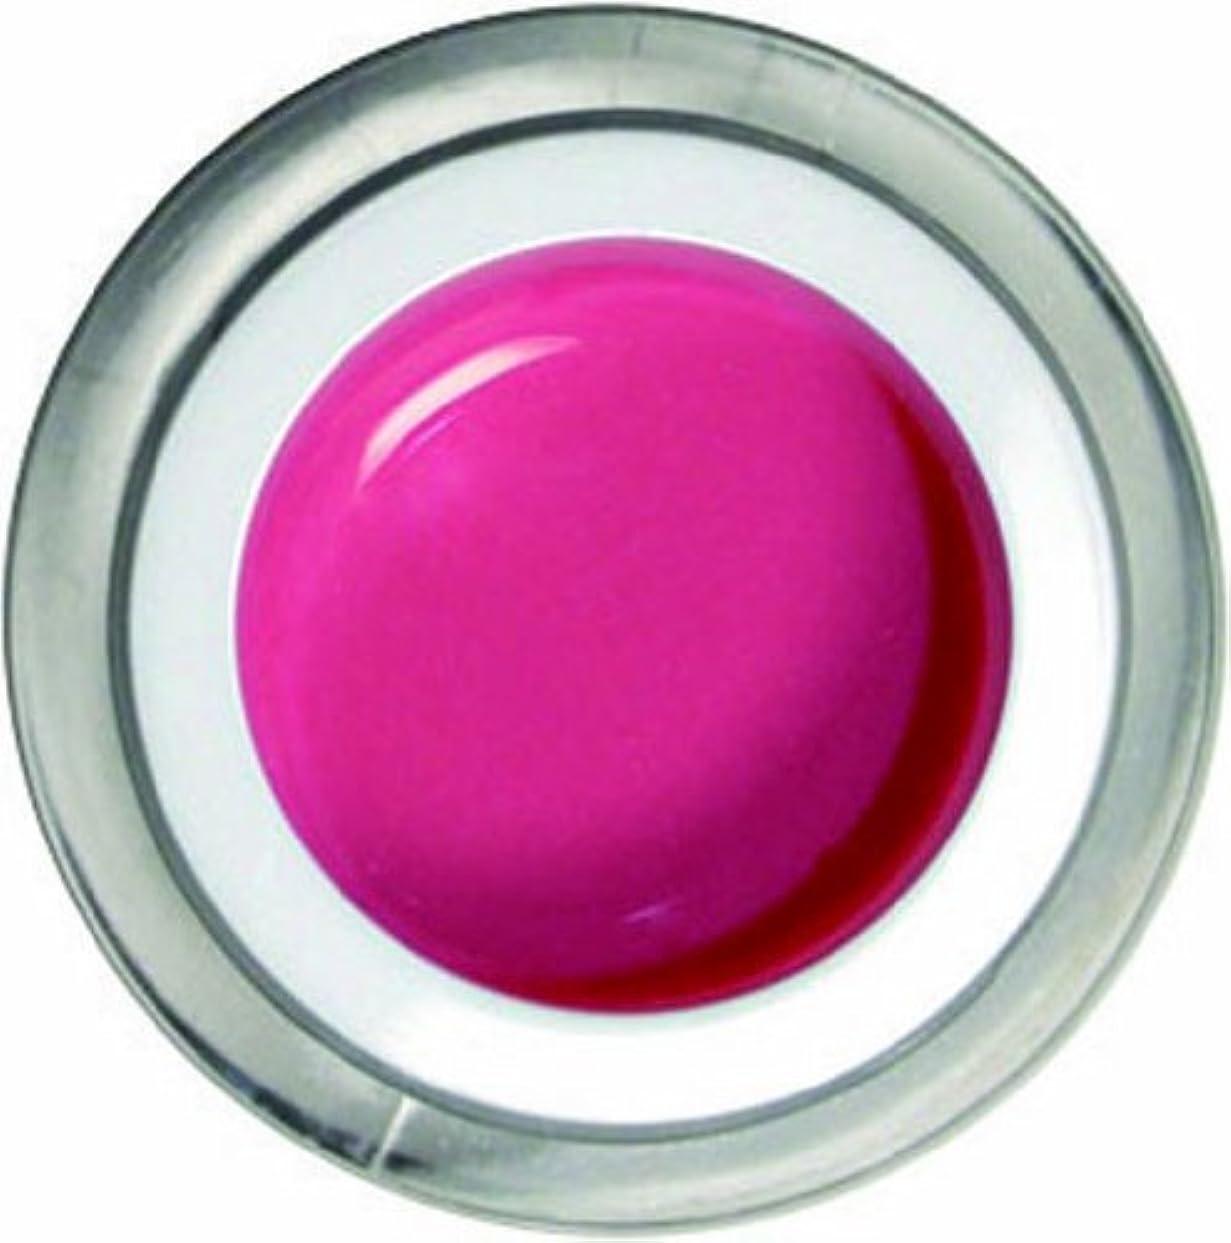 通知する干し草本当のことを言うとメロディコ メロディコジェル #08プリンセスピンク